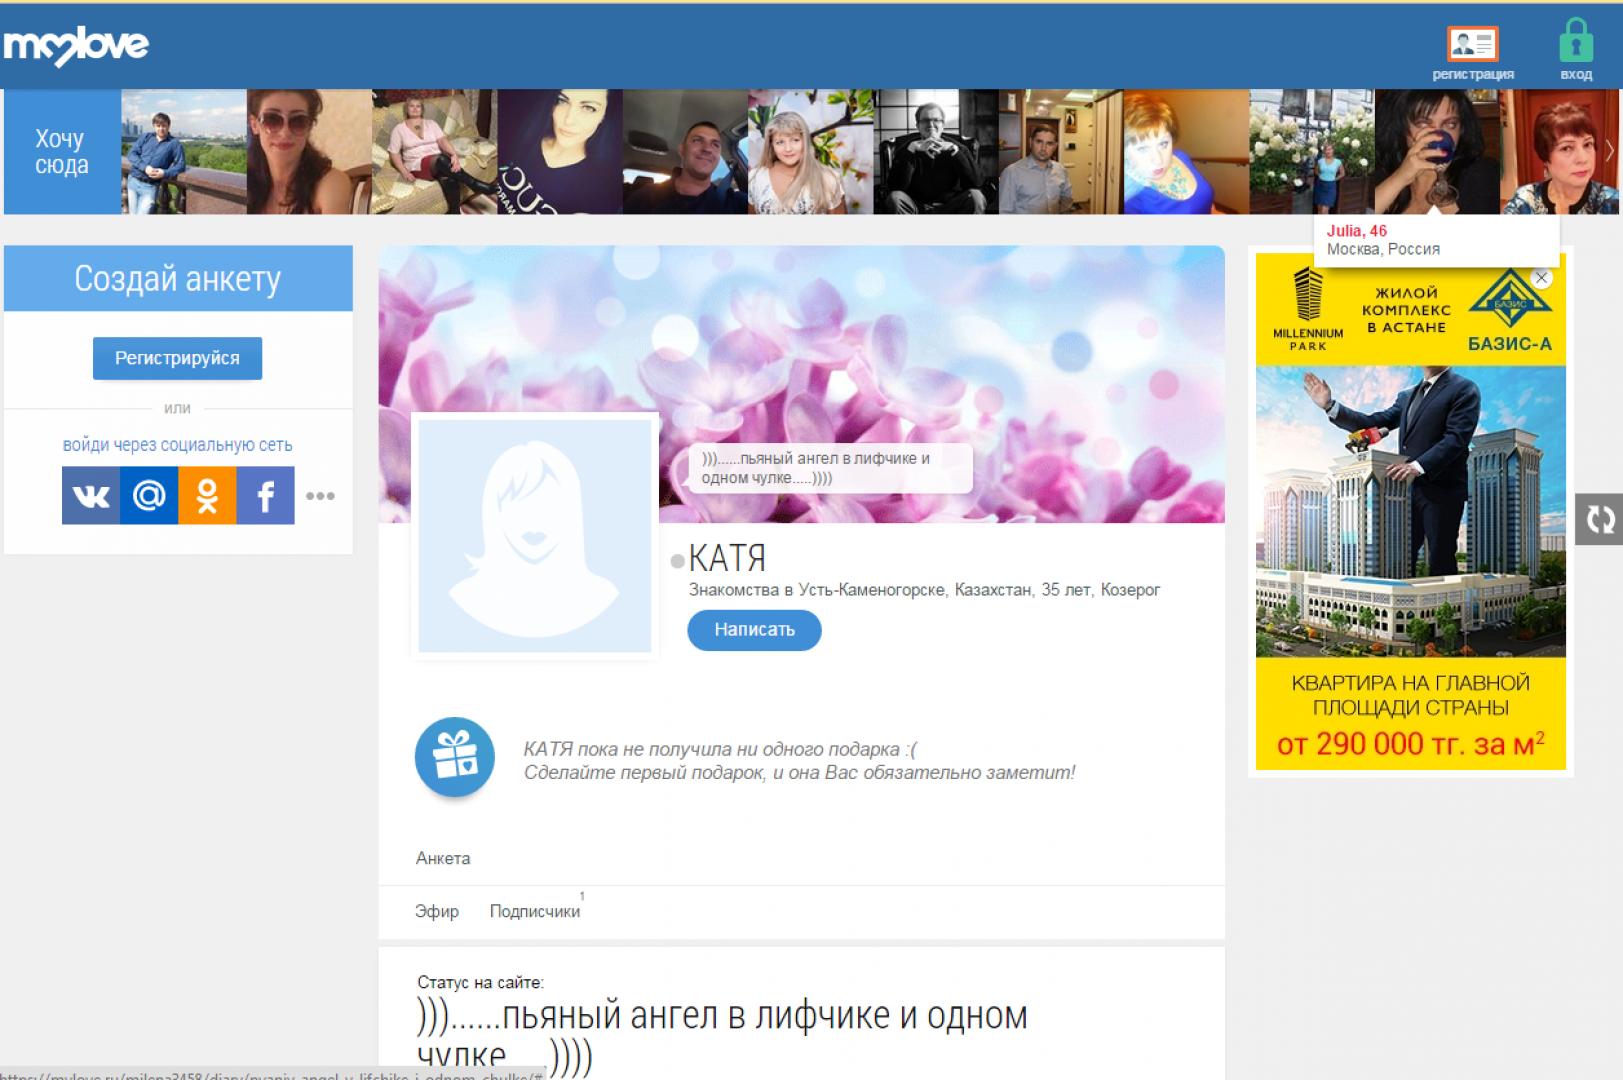 сайты знакомств в казахстане отзывы